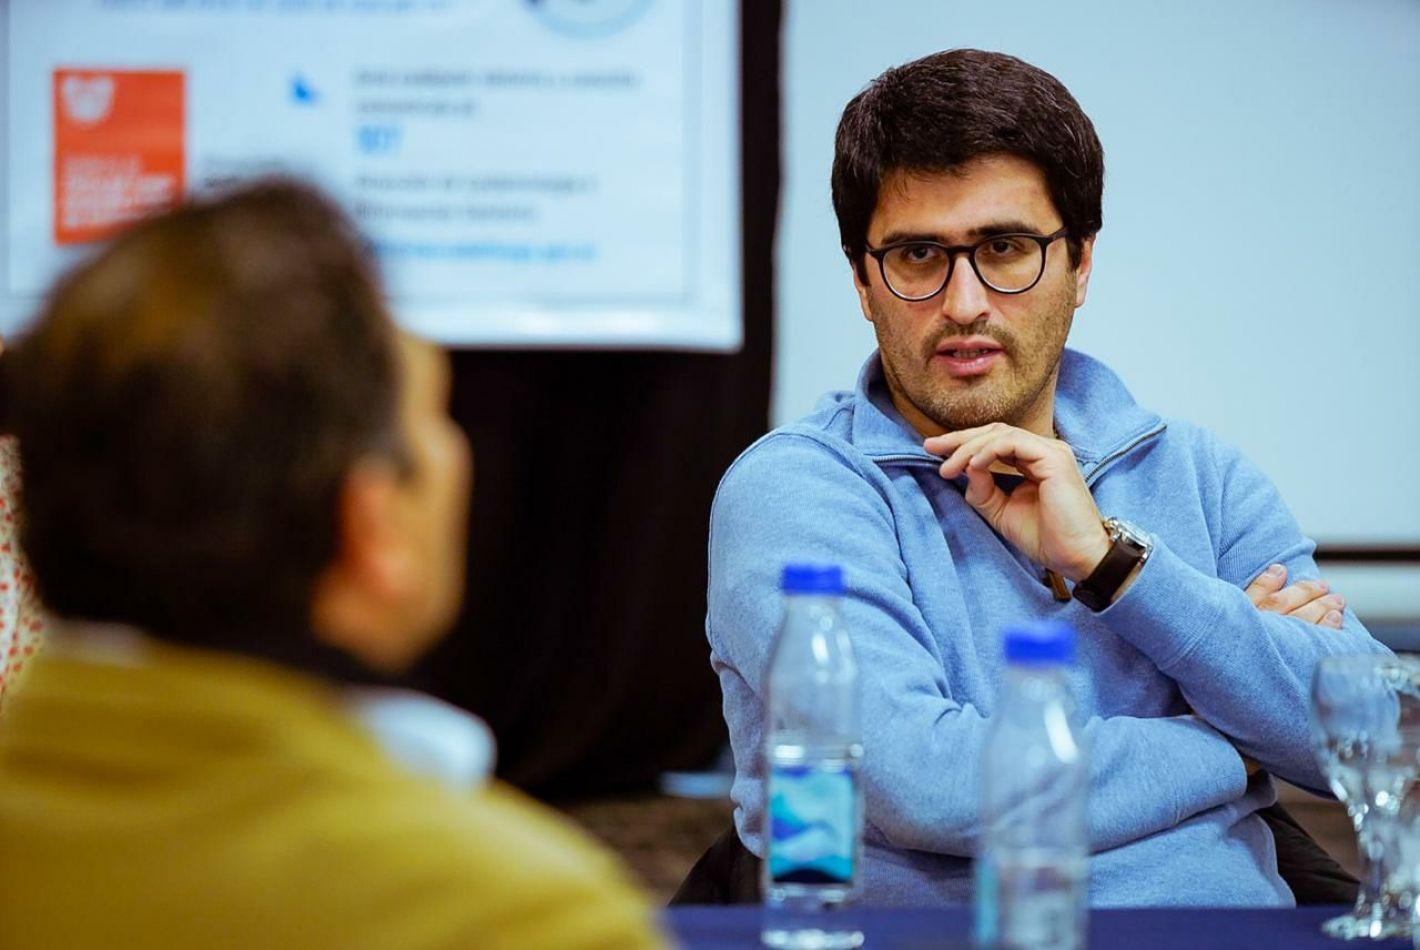 Director Ejecutivo de la Agencia de Recaudación Fueguina, Oscar Bahamonde.